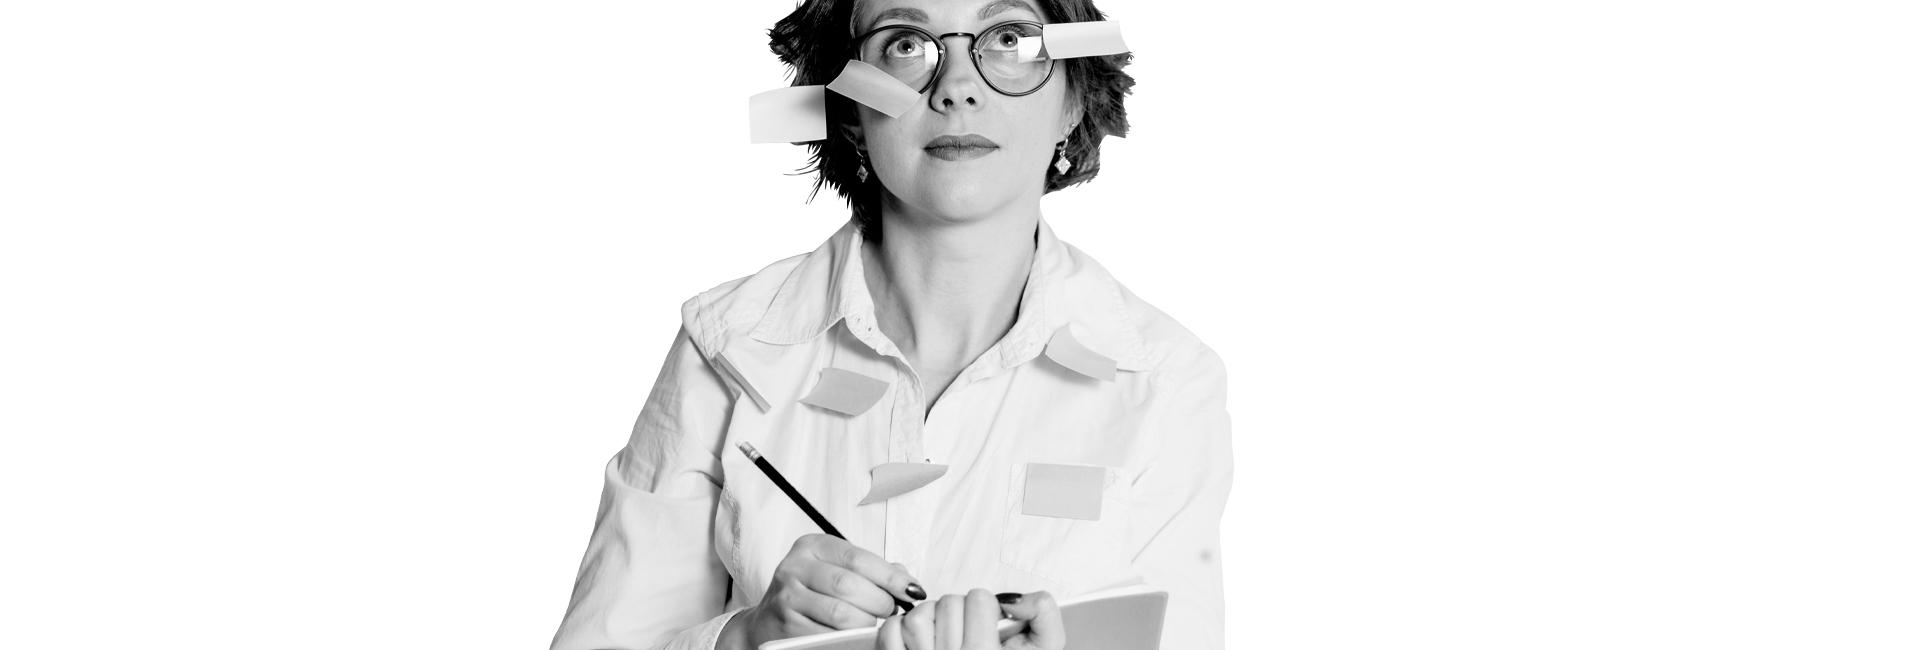 5 consigli per creare contenuti efficaci per il tuo blog